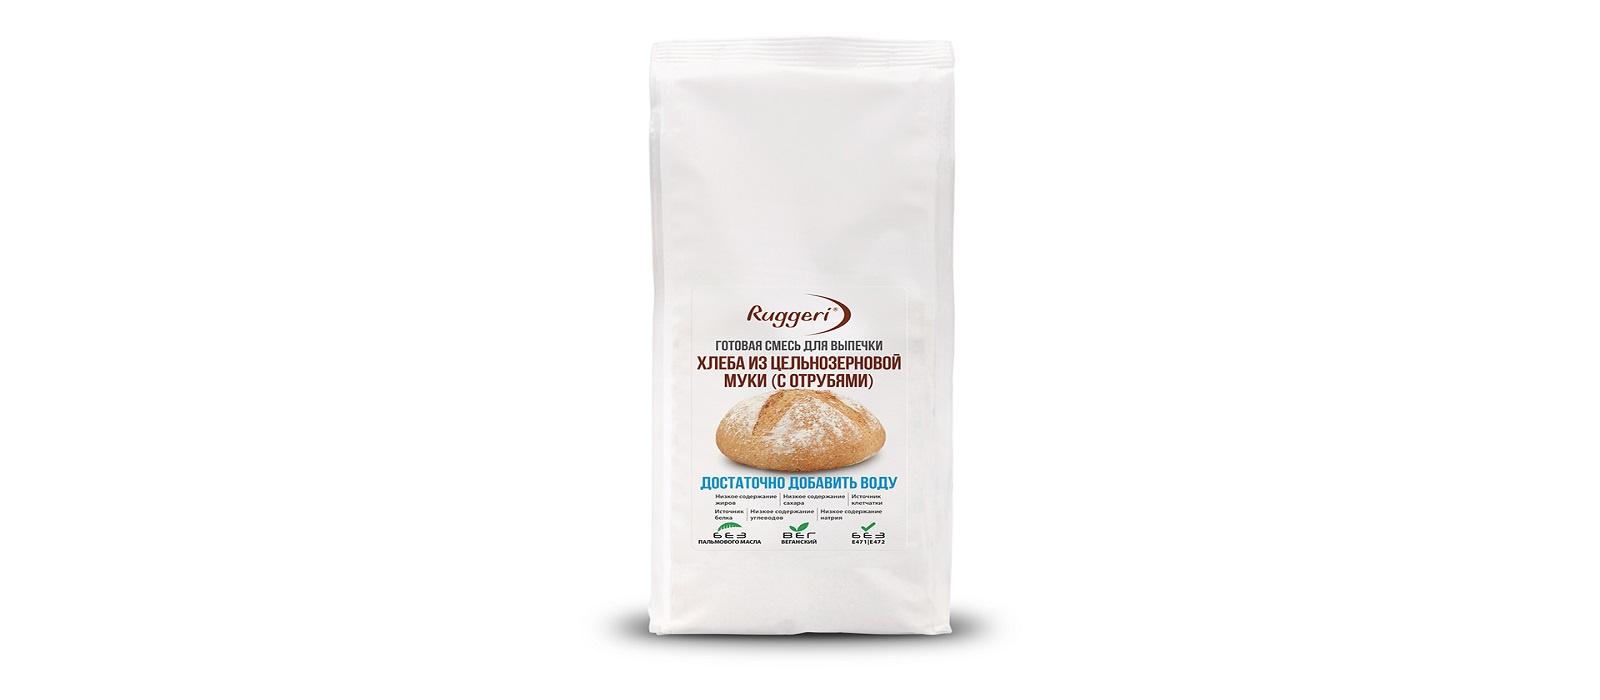 Смесь для выпечки Ruggeri хлеба, 500 смесь для выпечки почти печенье матча шоколад кокос 370 г